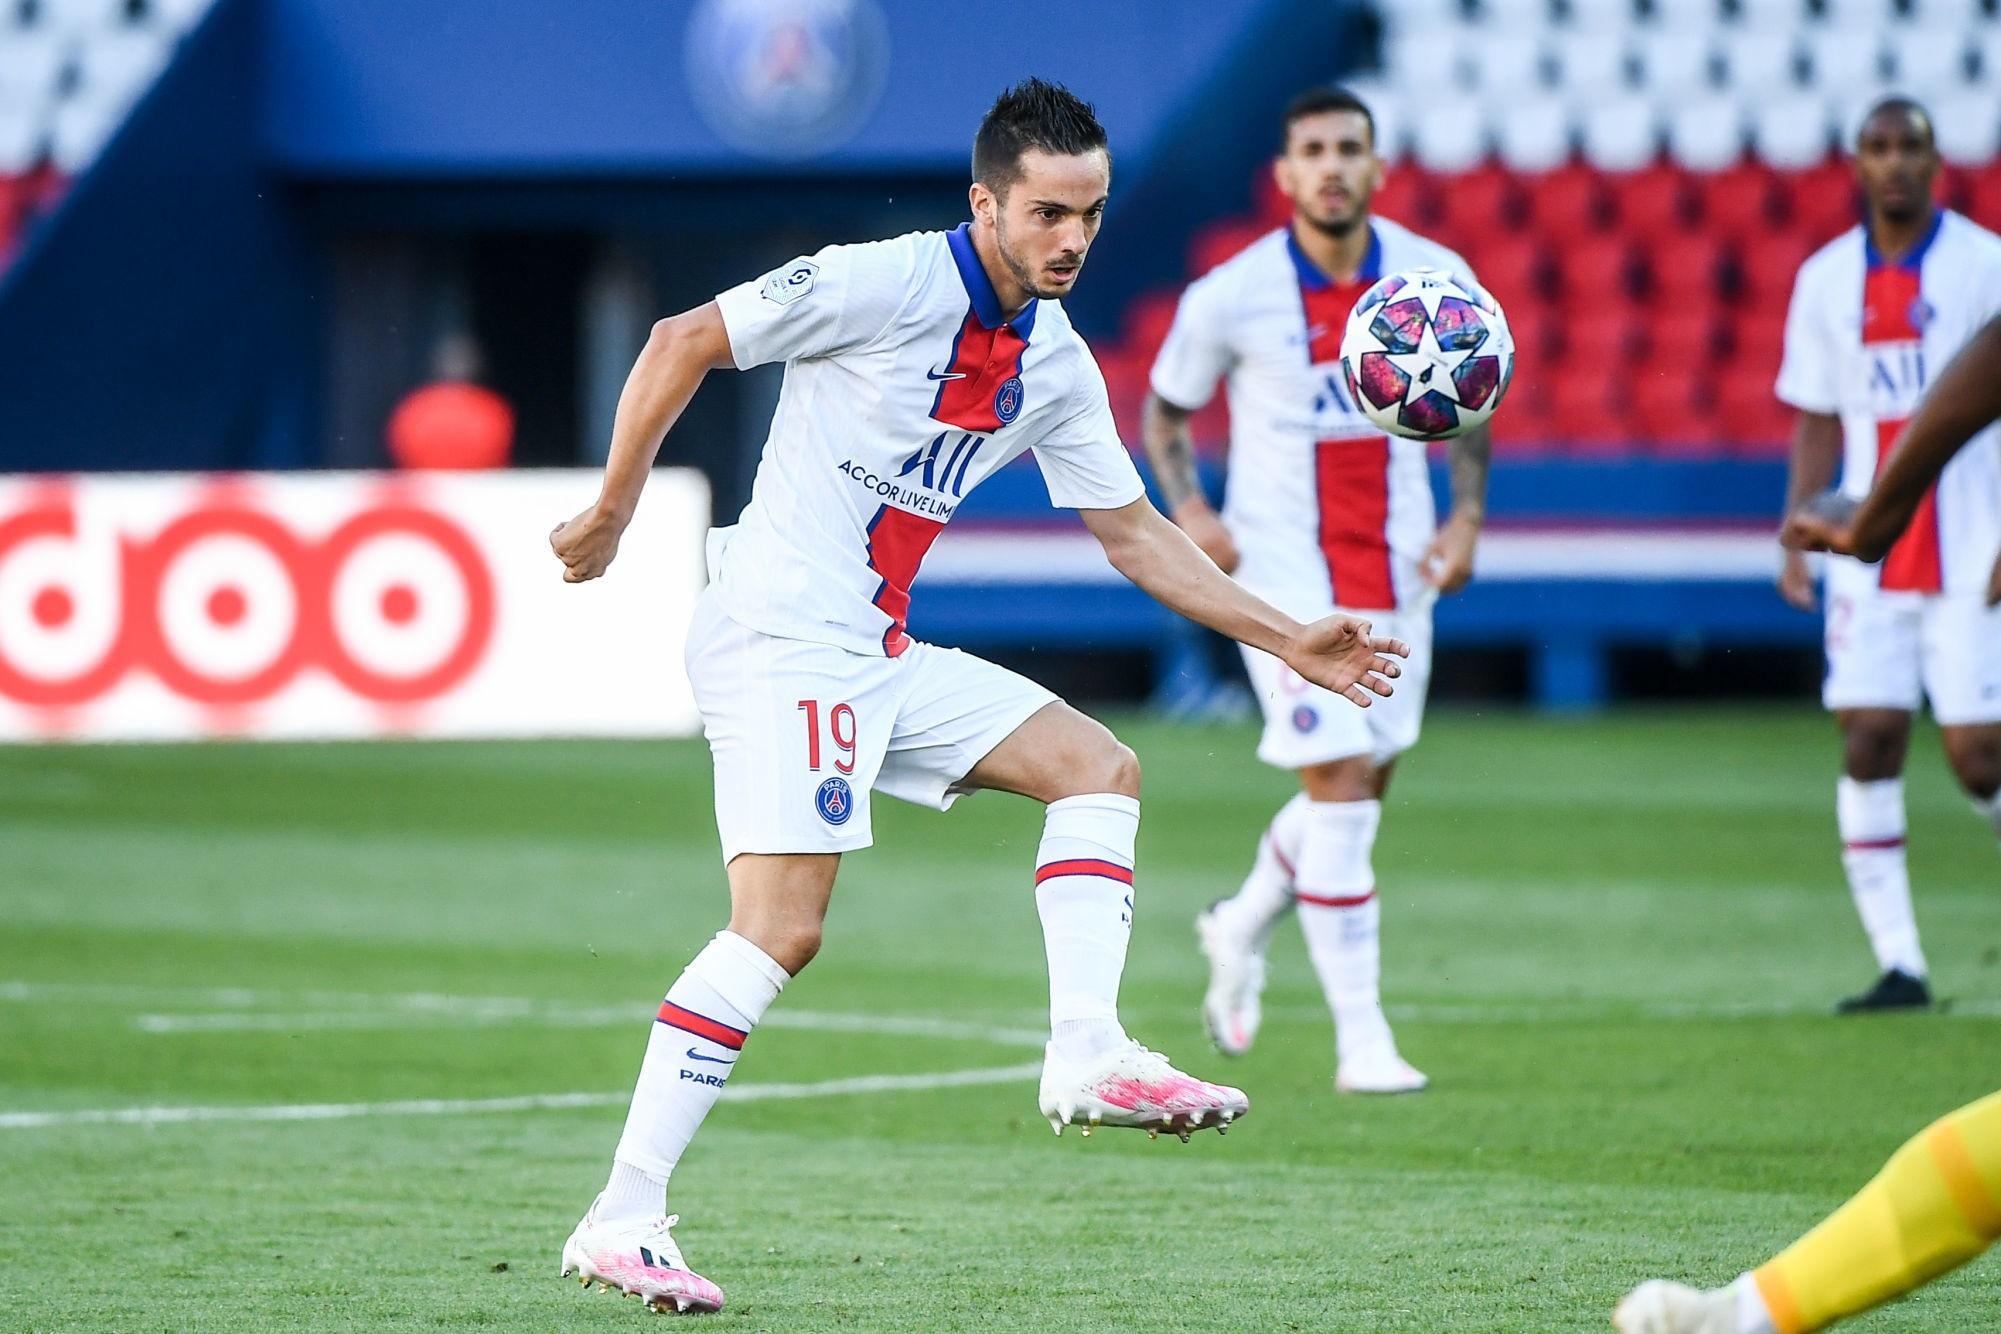 Atalanta/PSG - Sarabia évoque le huis clos, la forme physique et le style du club italien